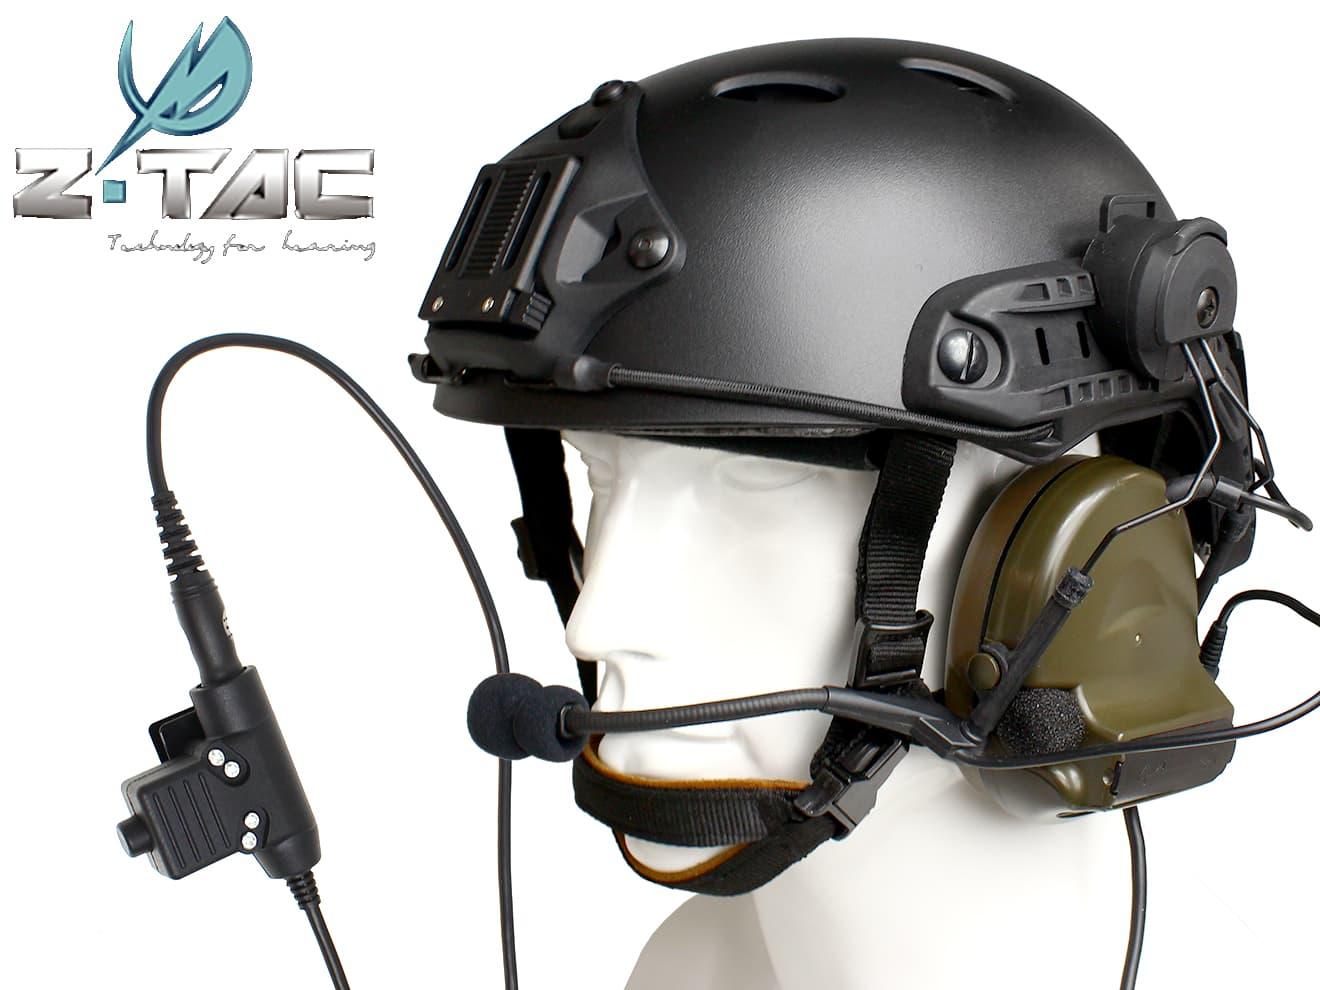 Z-TACTICAL CMTC 2ヘッドセット+U94タイプPTT(KENWOOD用)+OPS CORE CARBONEタイプ ヘルメット+ARCレールアダプター BK◆嬉しい4点セット!超オトク価格でご提供!